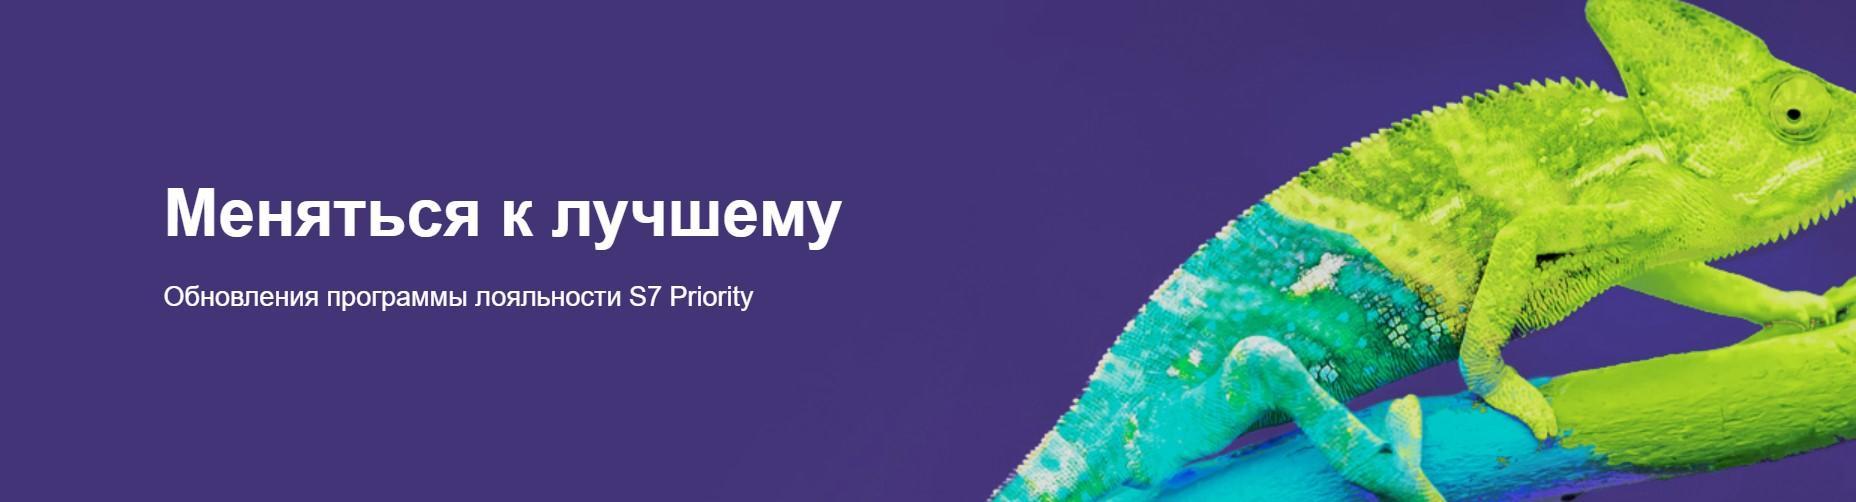 Обновления программы лояльности S7 Priority